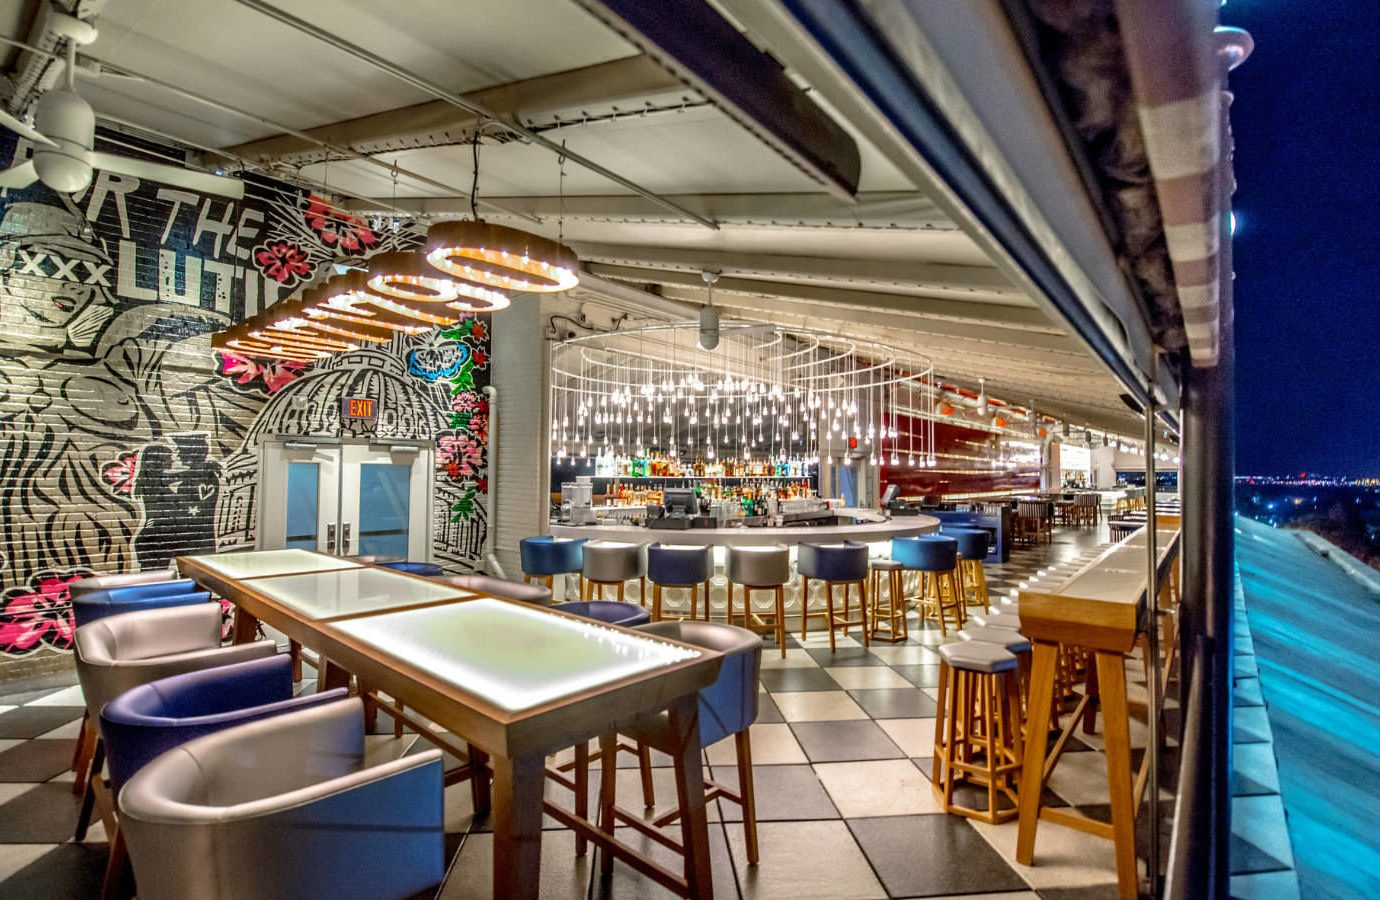 Hotels indoor floor restaurant interior design